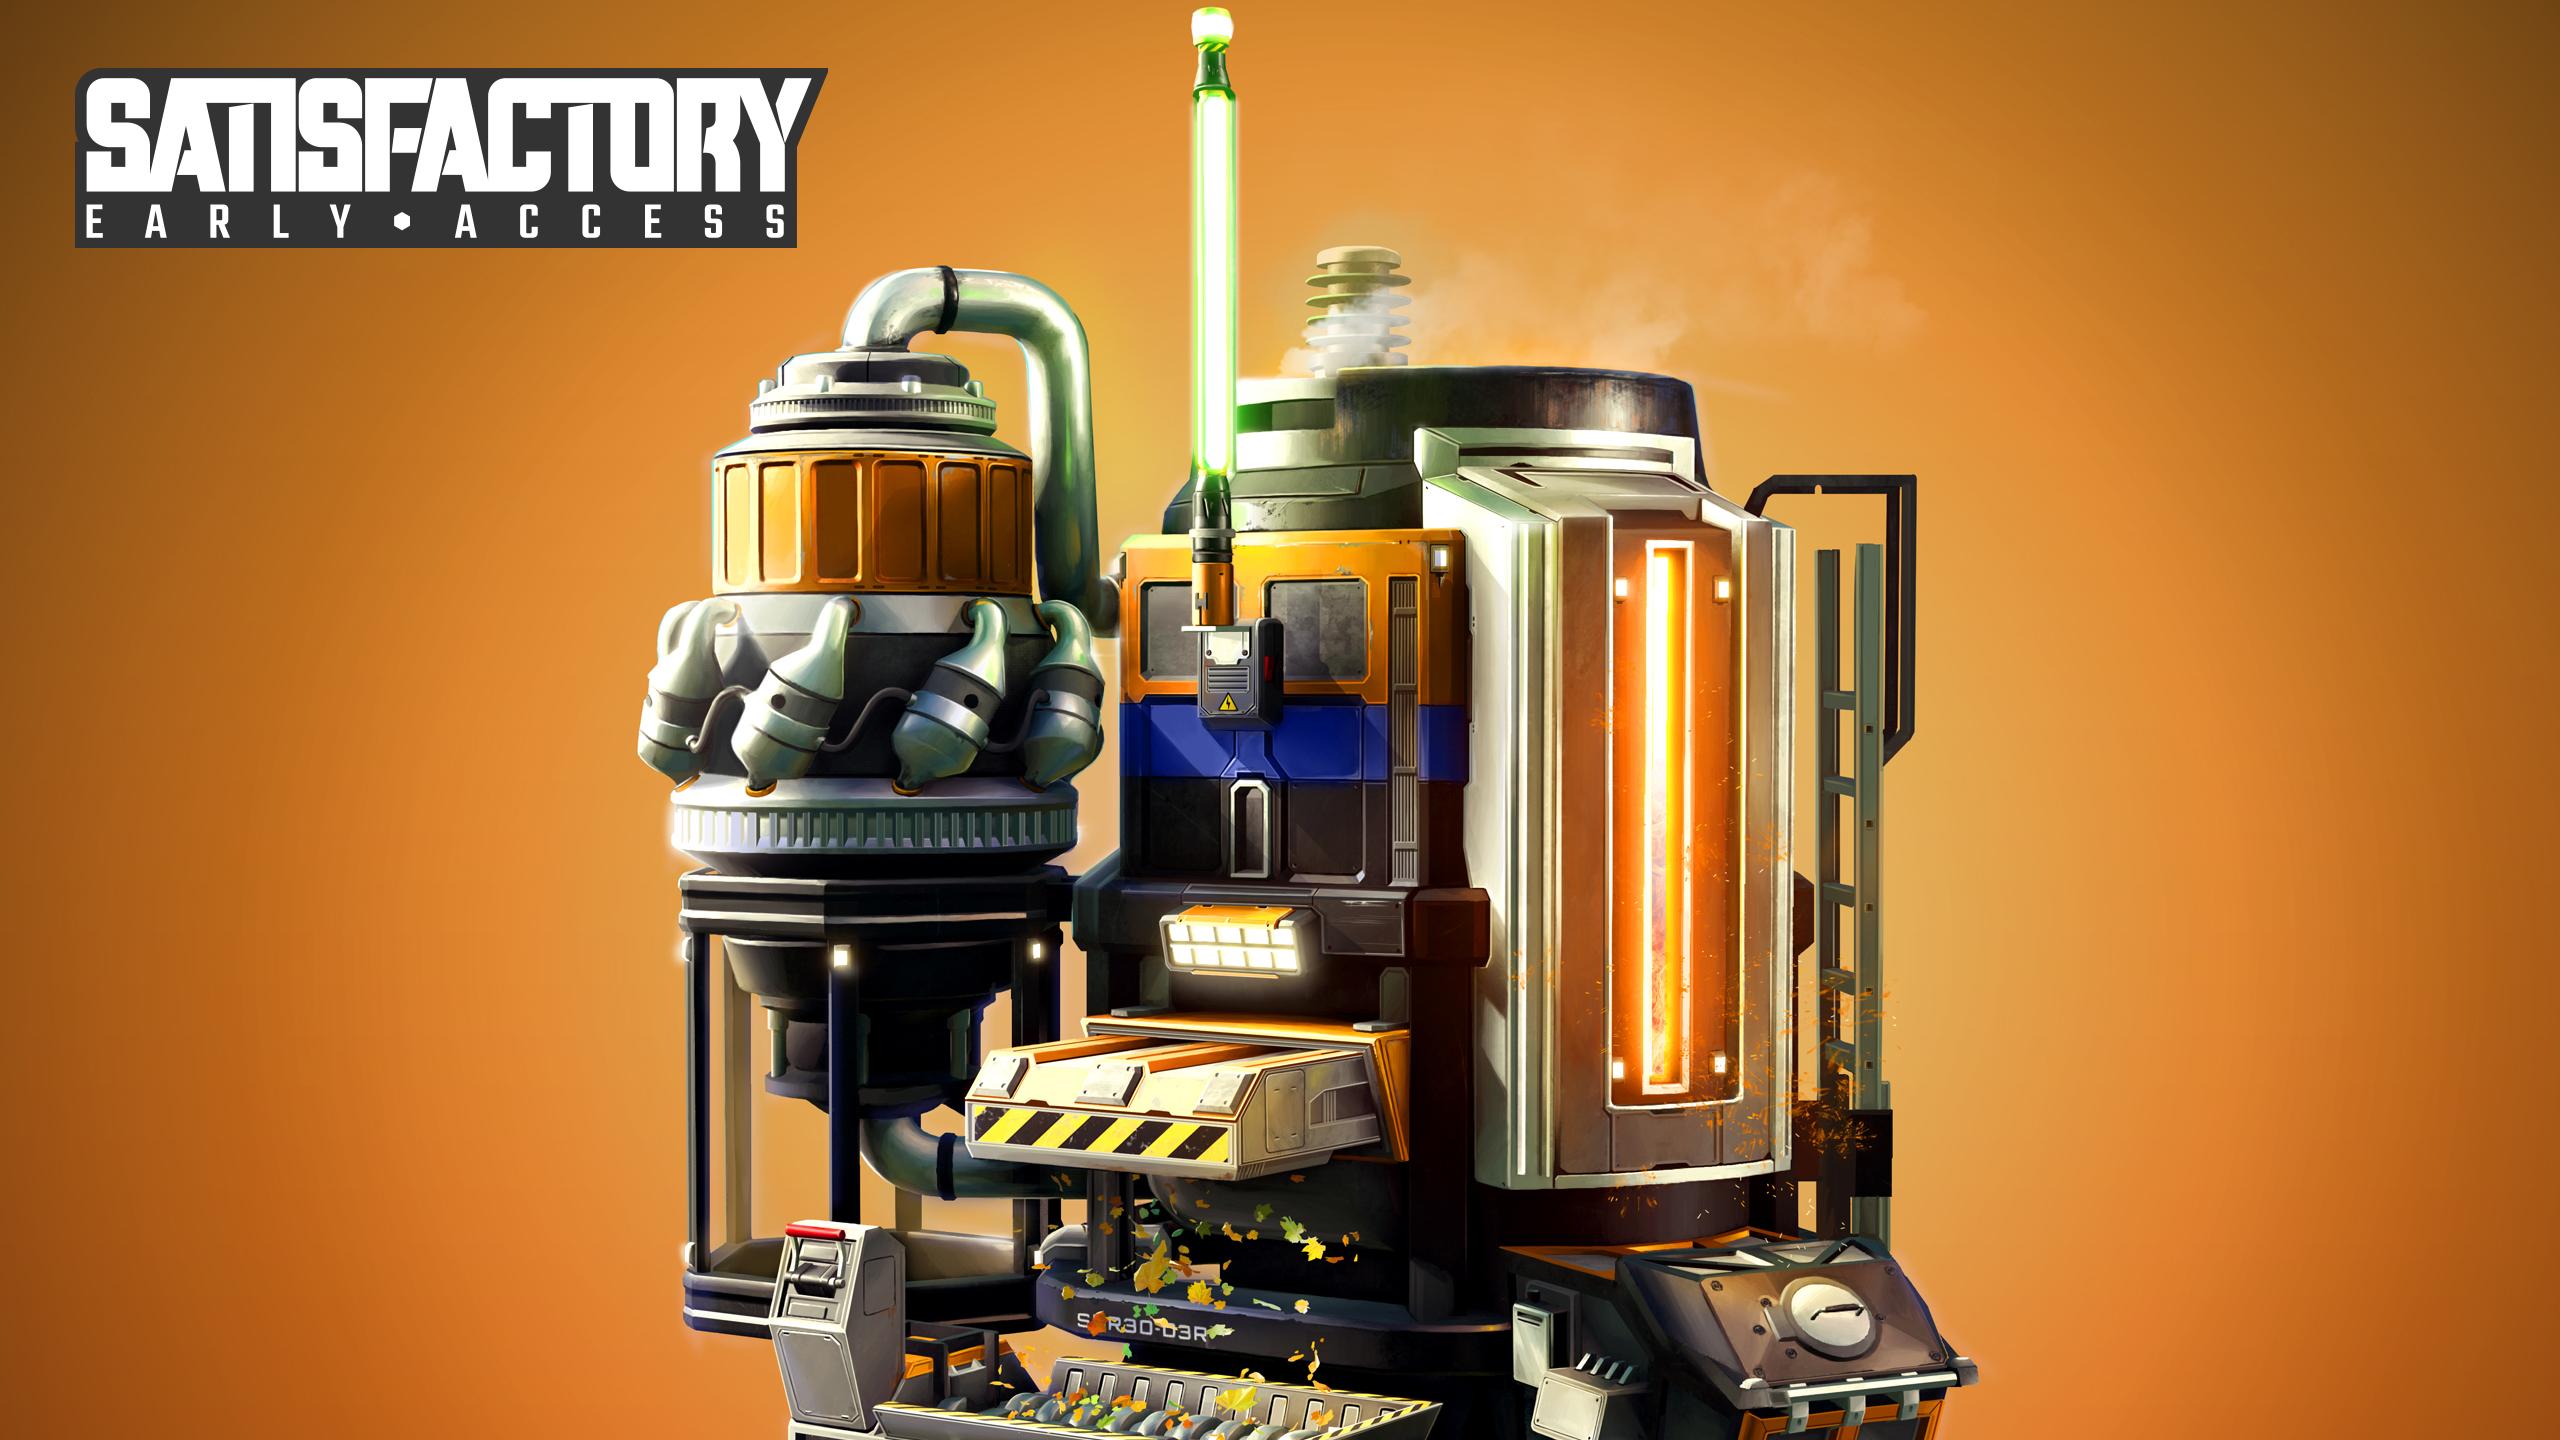 Construye, automatiza y explora un planeta alienígena mientras construyes una máquina de propósitos misteriosos. ¡Ya disponible la compra anticipada de Satisfactory!